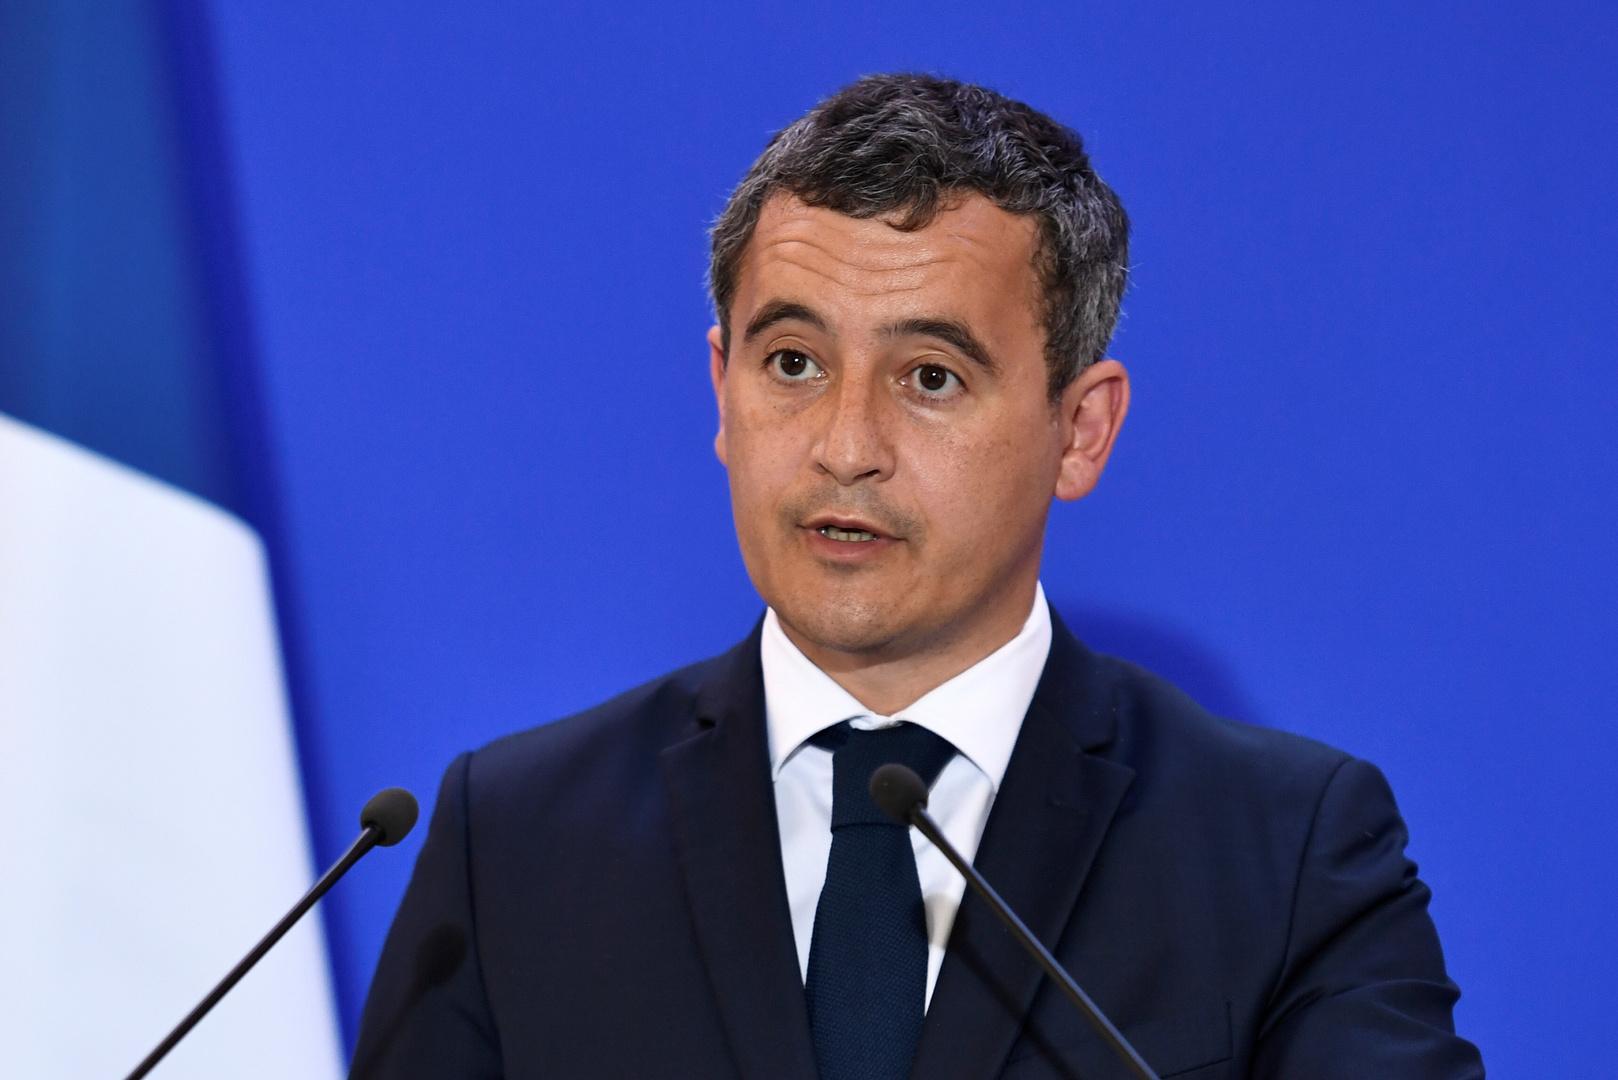 وزير الداخلية الفرنسي يتوقع المزيد من الهجمات في البلاد